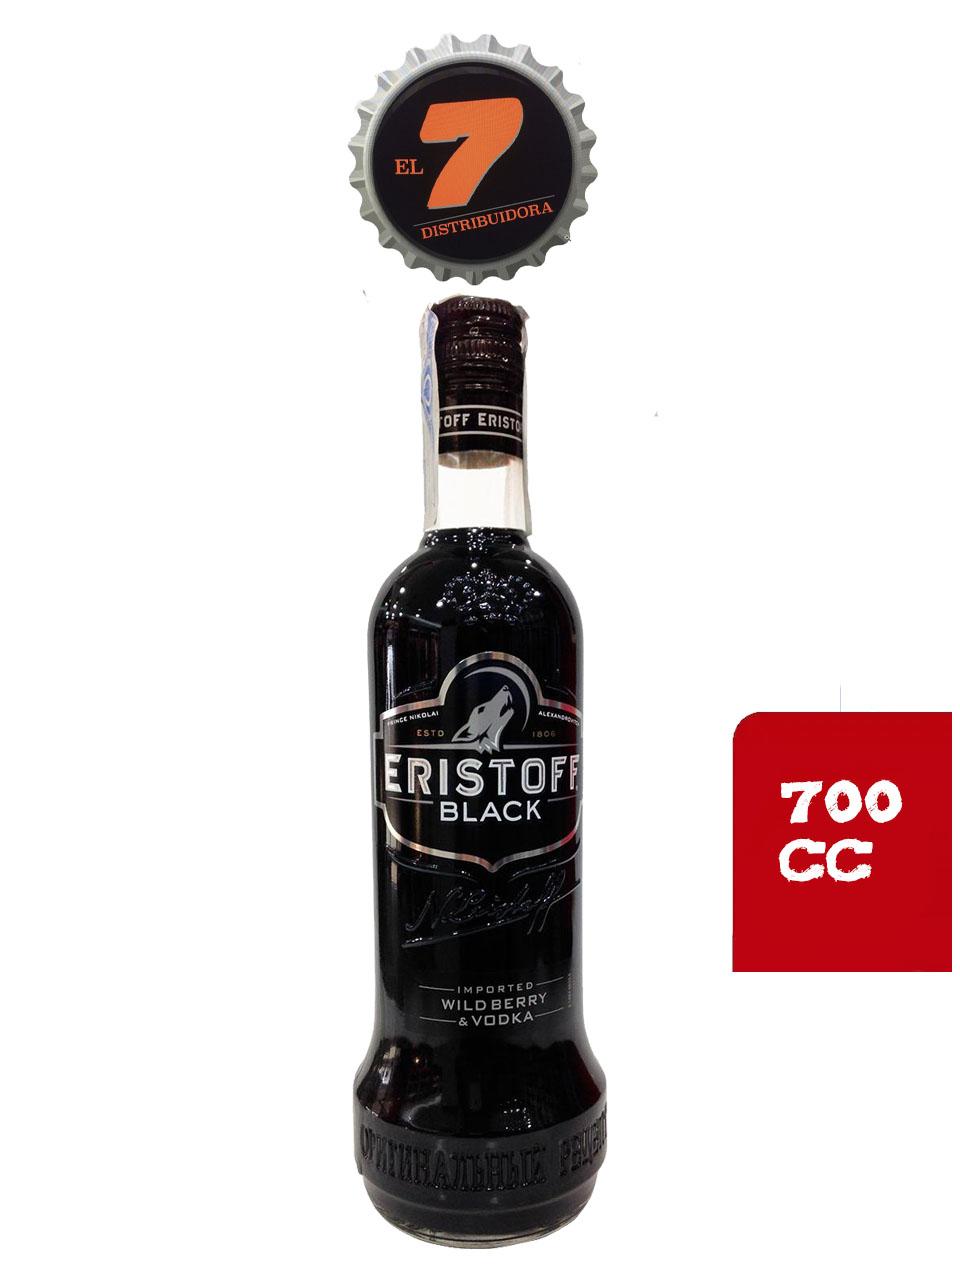 Eristoff Black 700 cc